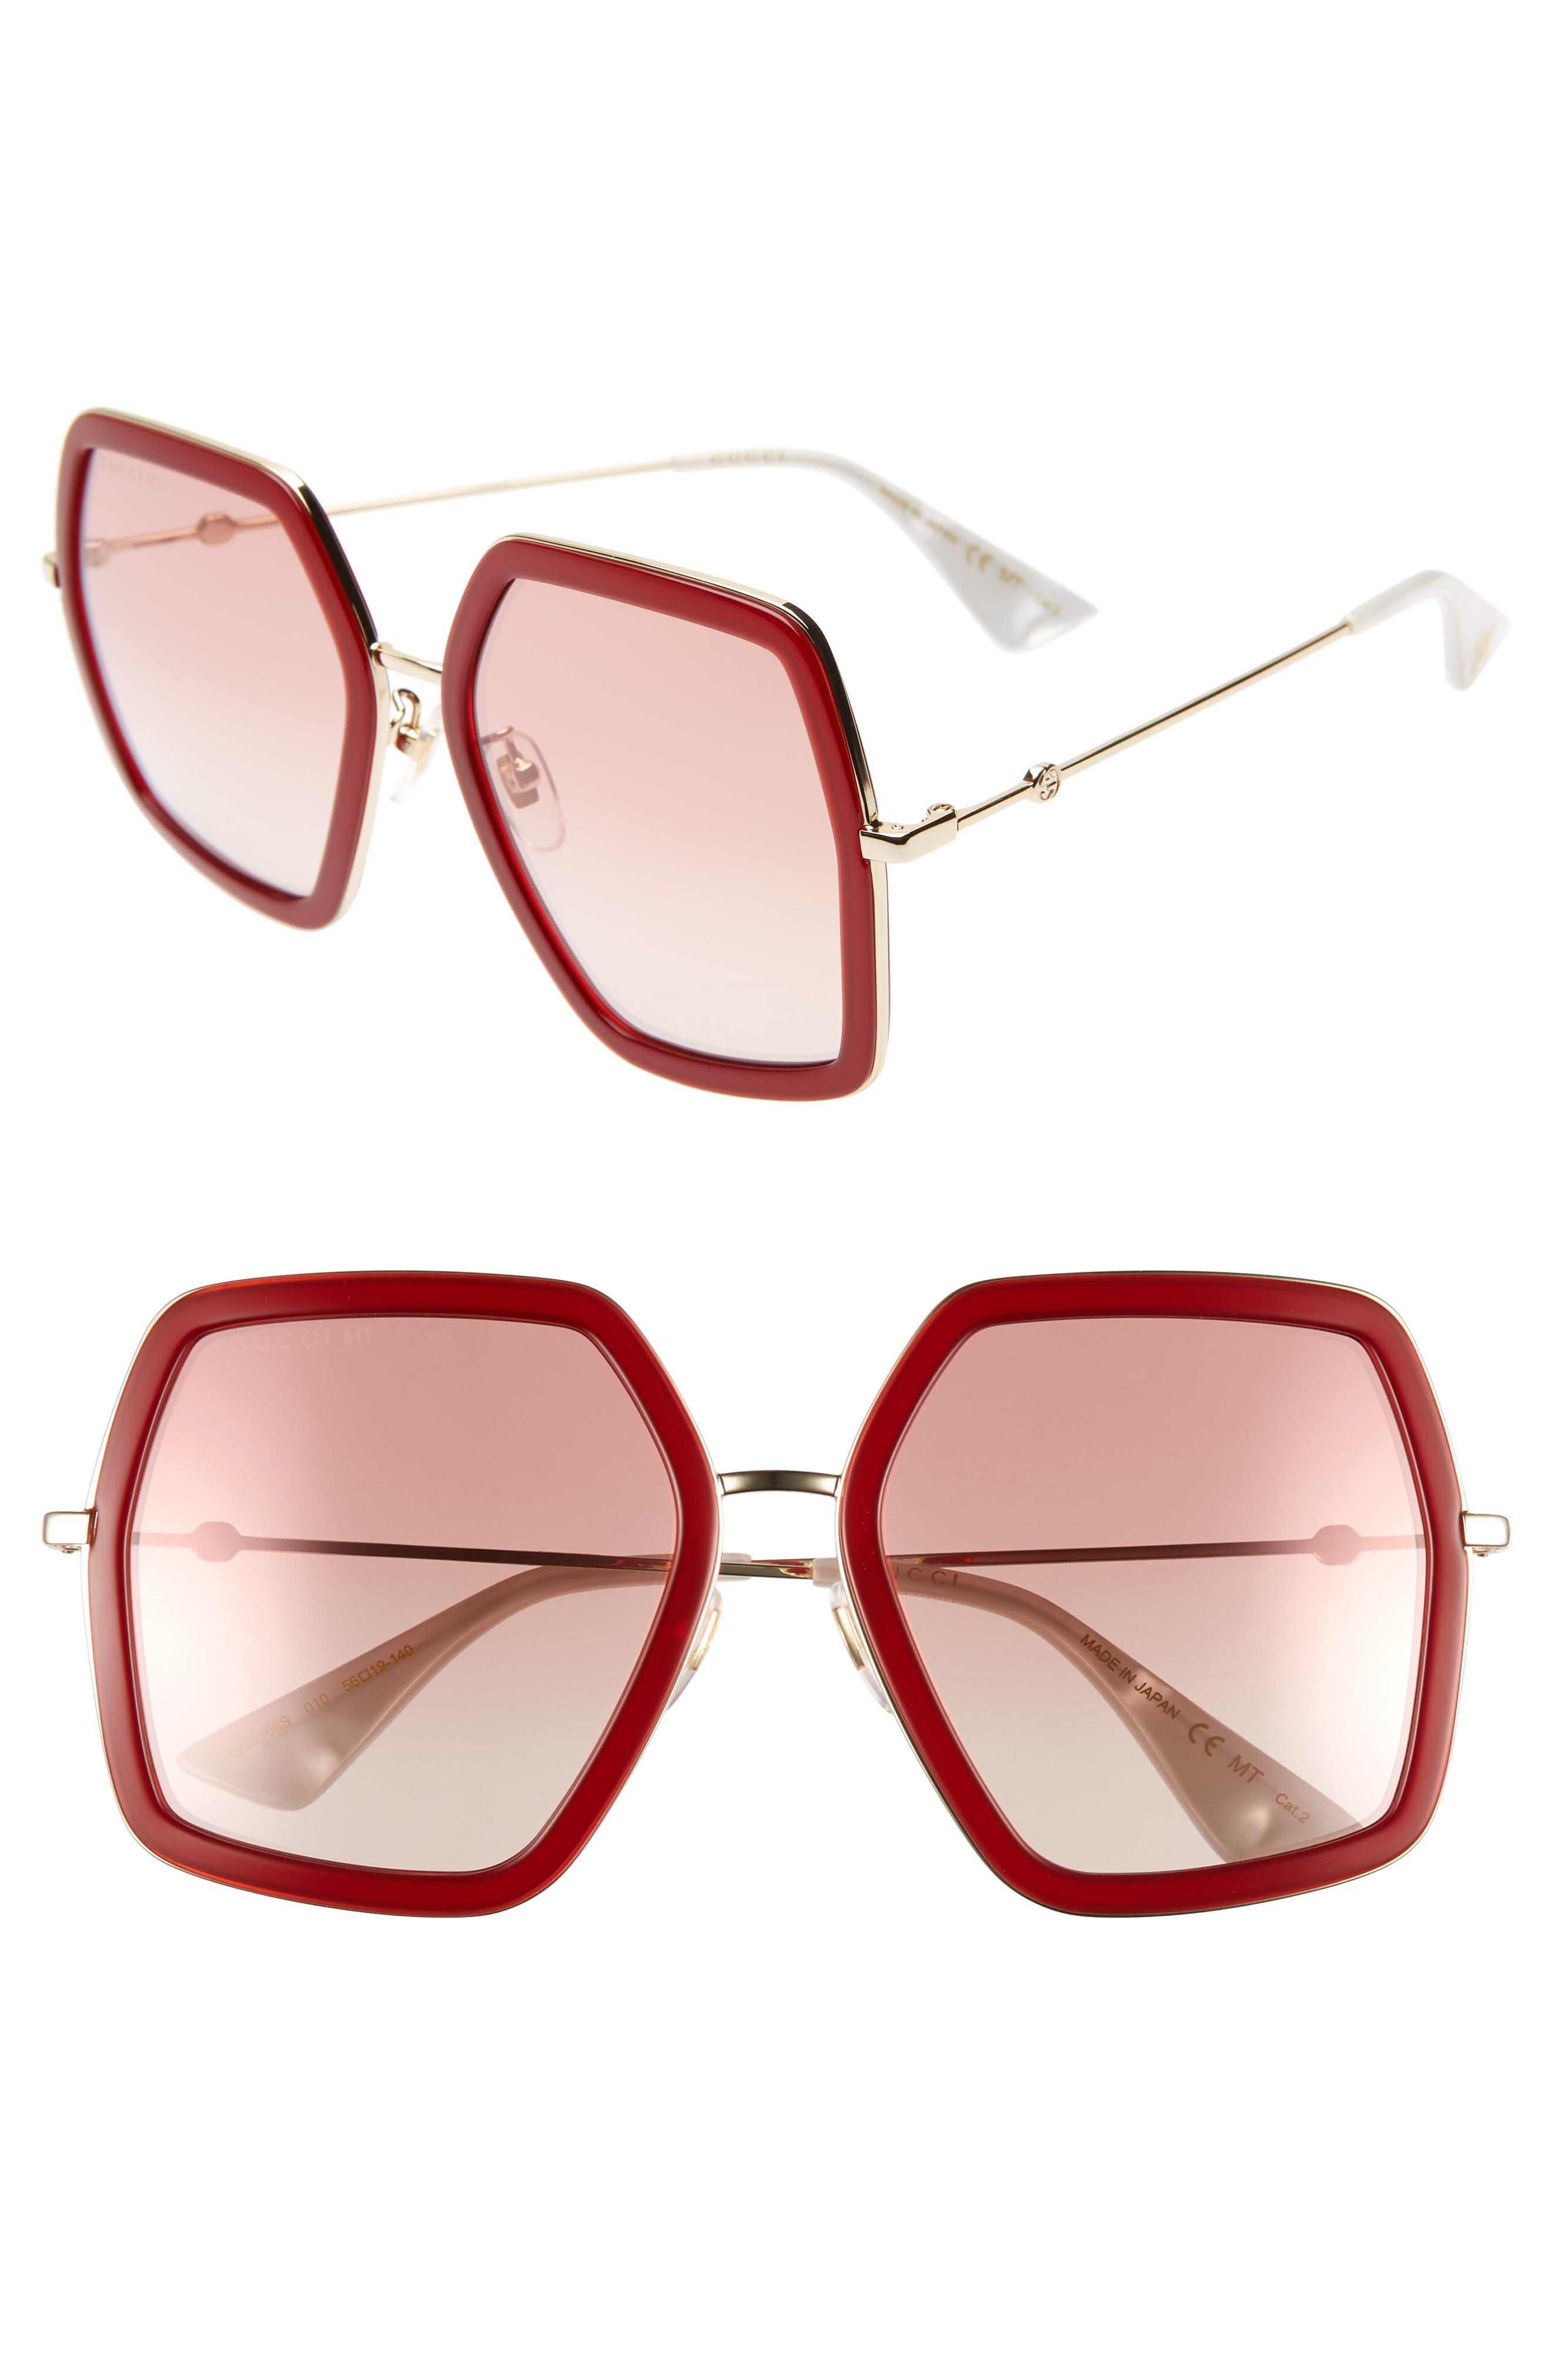 GUCCI 56mm Sunglasses, Main, color, SHINY ENDURA GLD/PK GRAD MIR